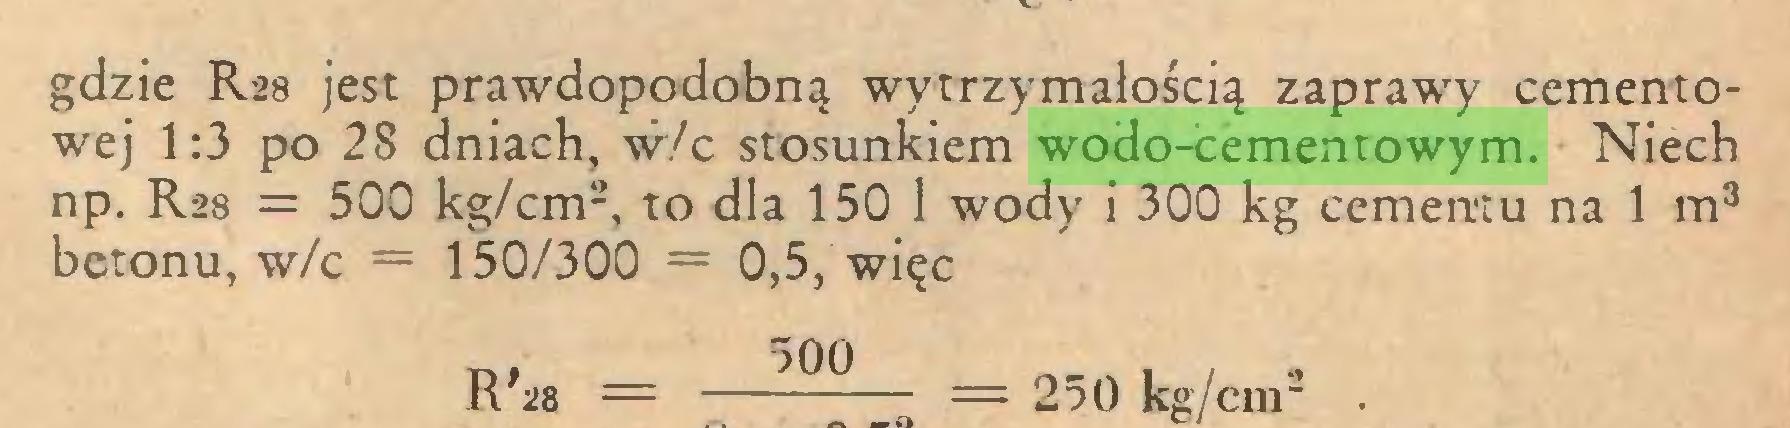 """(...) gdzie R28 jest prawdopodobną wytrzymałością zaprawy cementowej 1:3 po 28 dniach, w/c stosunkiem wodo-cementowym. Niech np. R28 = 500 kg/cm2, to dla 150 1 wody i 300 kg cementu na 1 m3 betonu, w/c = 150/300 = 0,5, więc Rf28 = —— = 250 kg/cm"""" ..."""